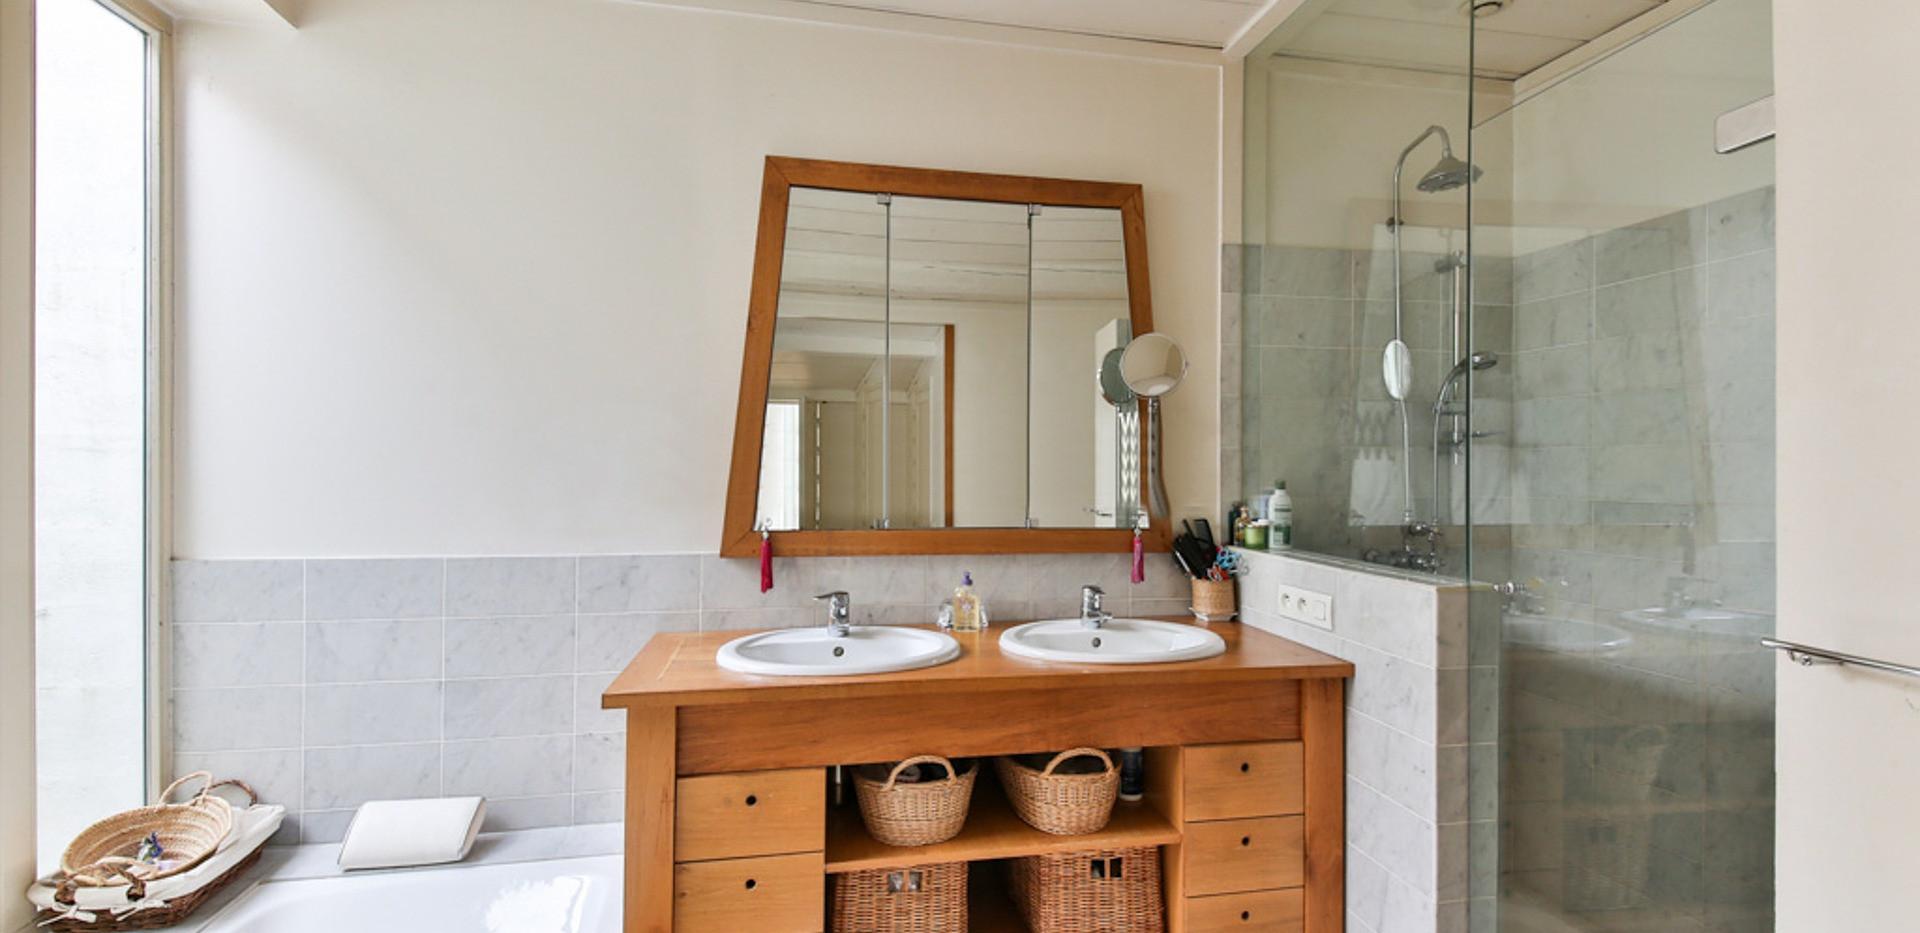 Bathroom Remodeling PRJ 02